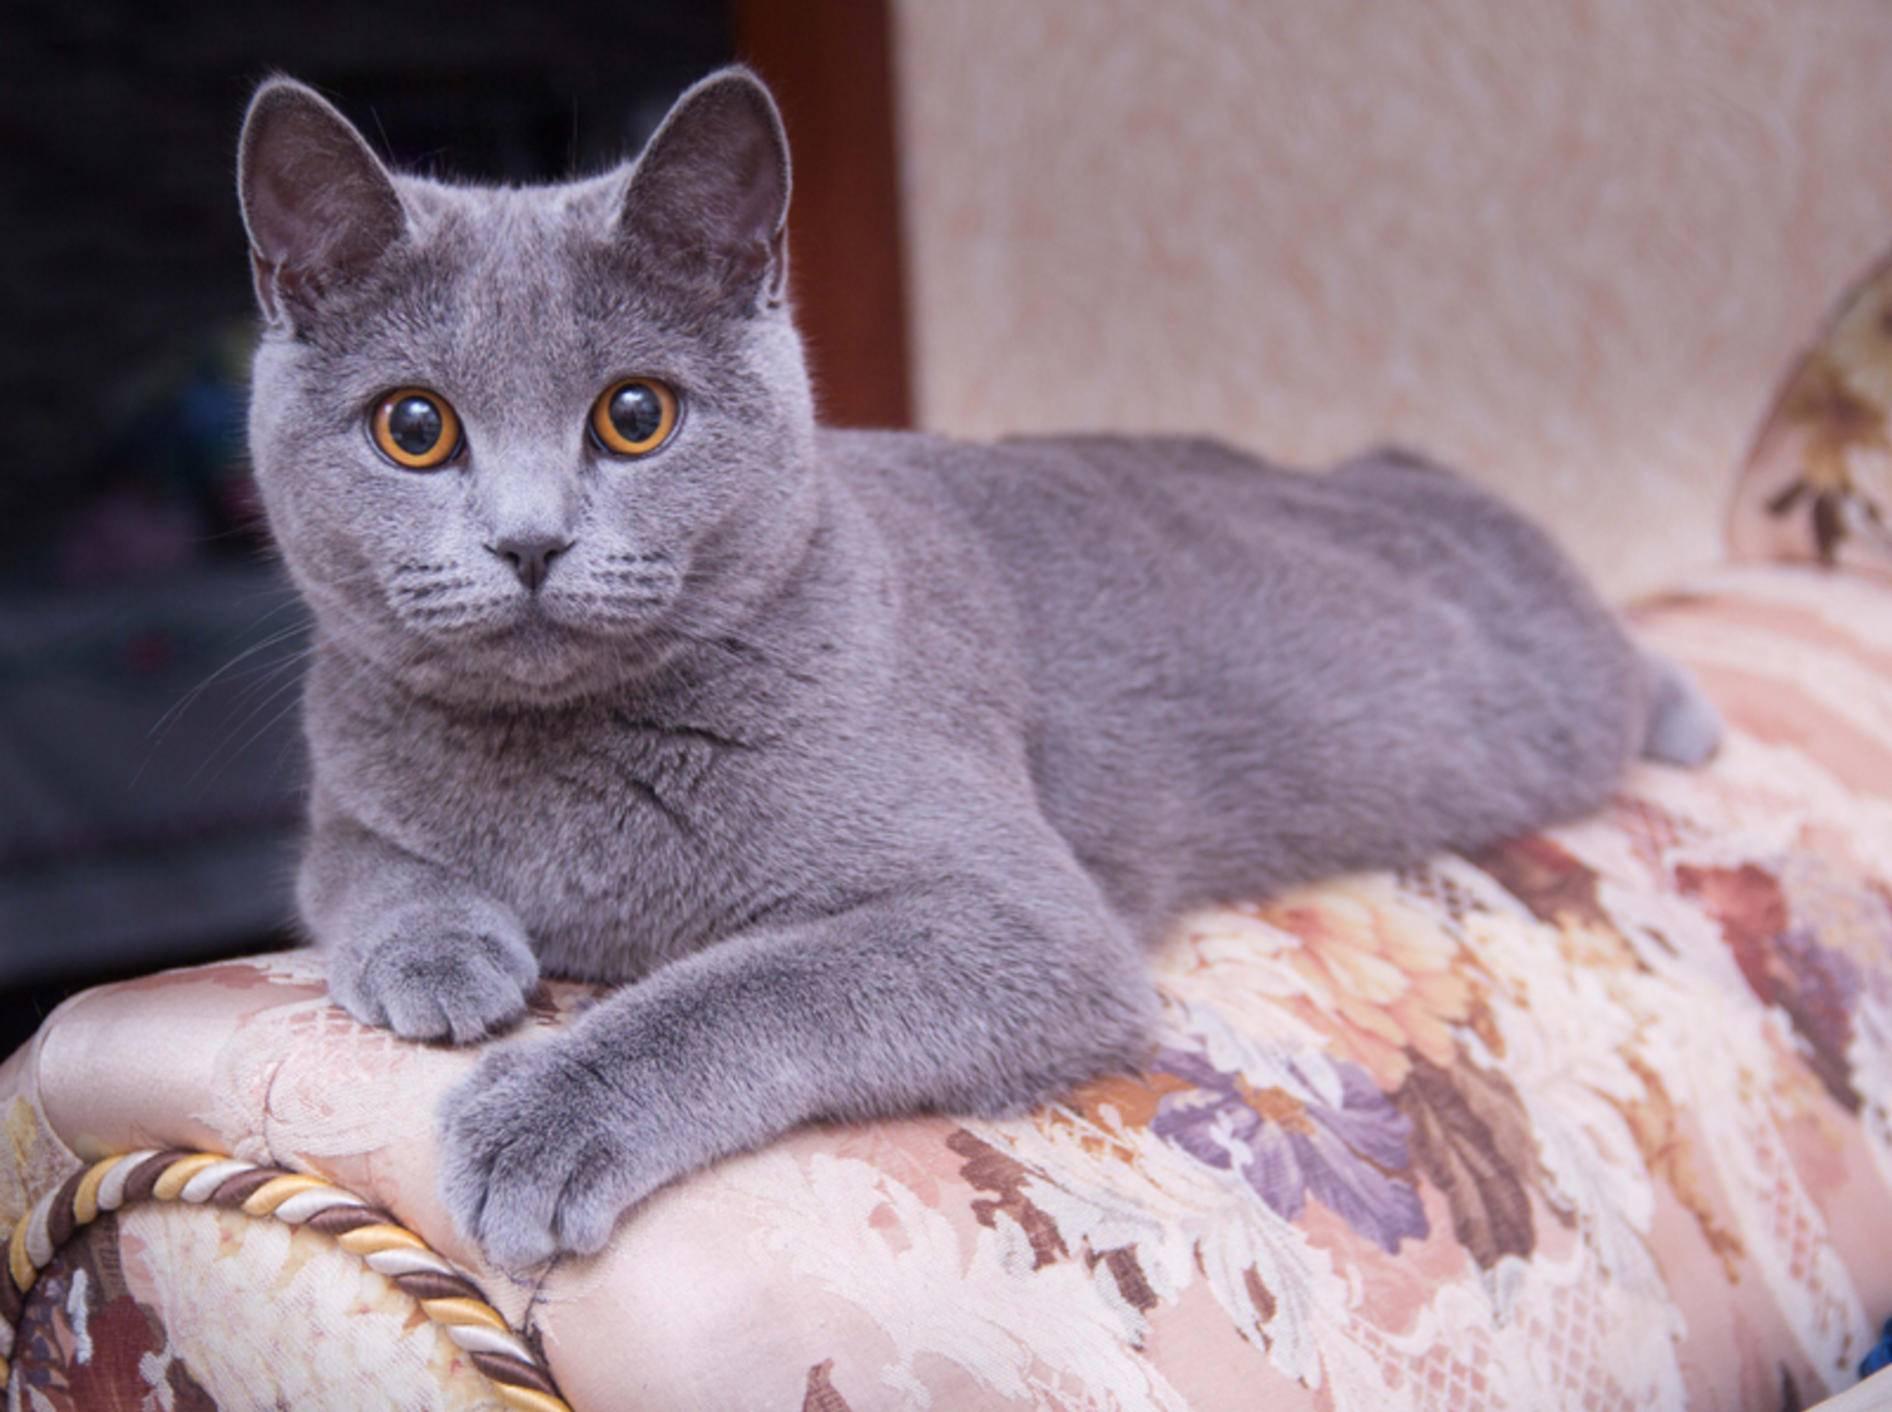 Katzen verstehen ihren Namen - ob sie jedoch hören, das ist eine andere Frage - Bild: Shutterstock / Lena9208